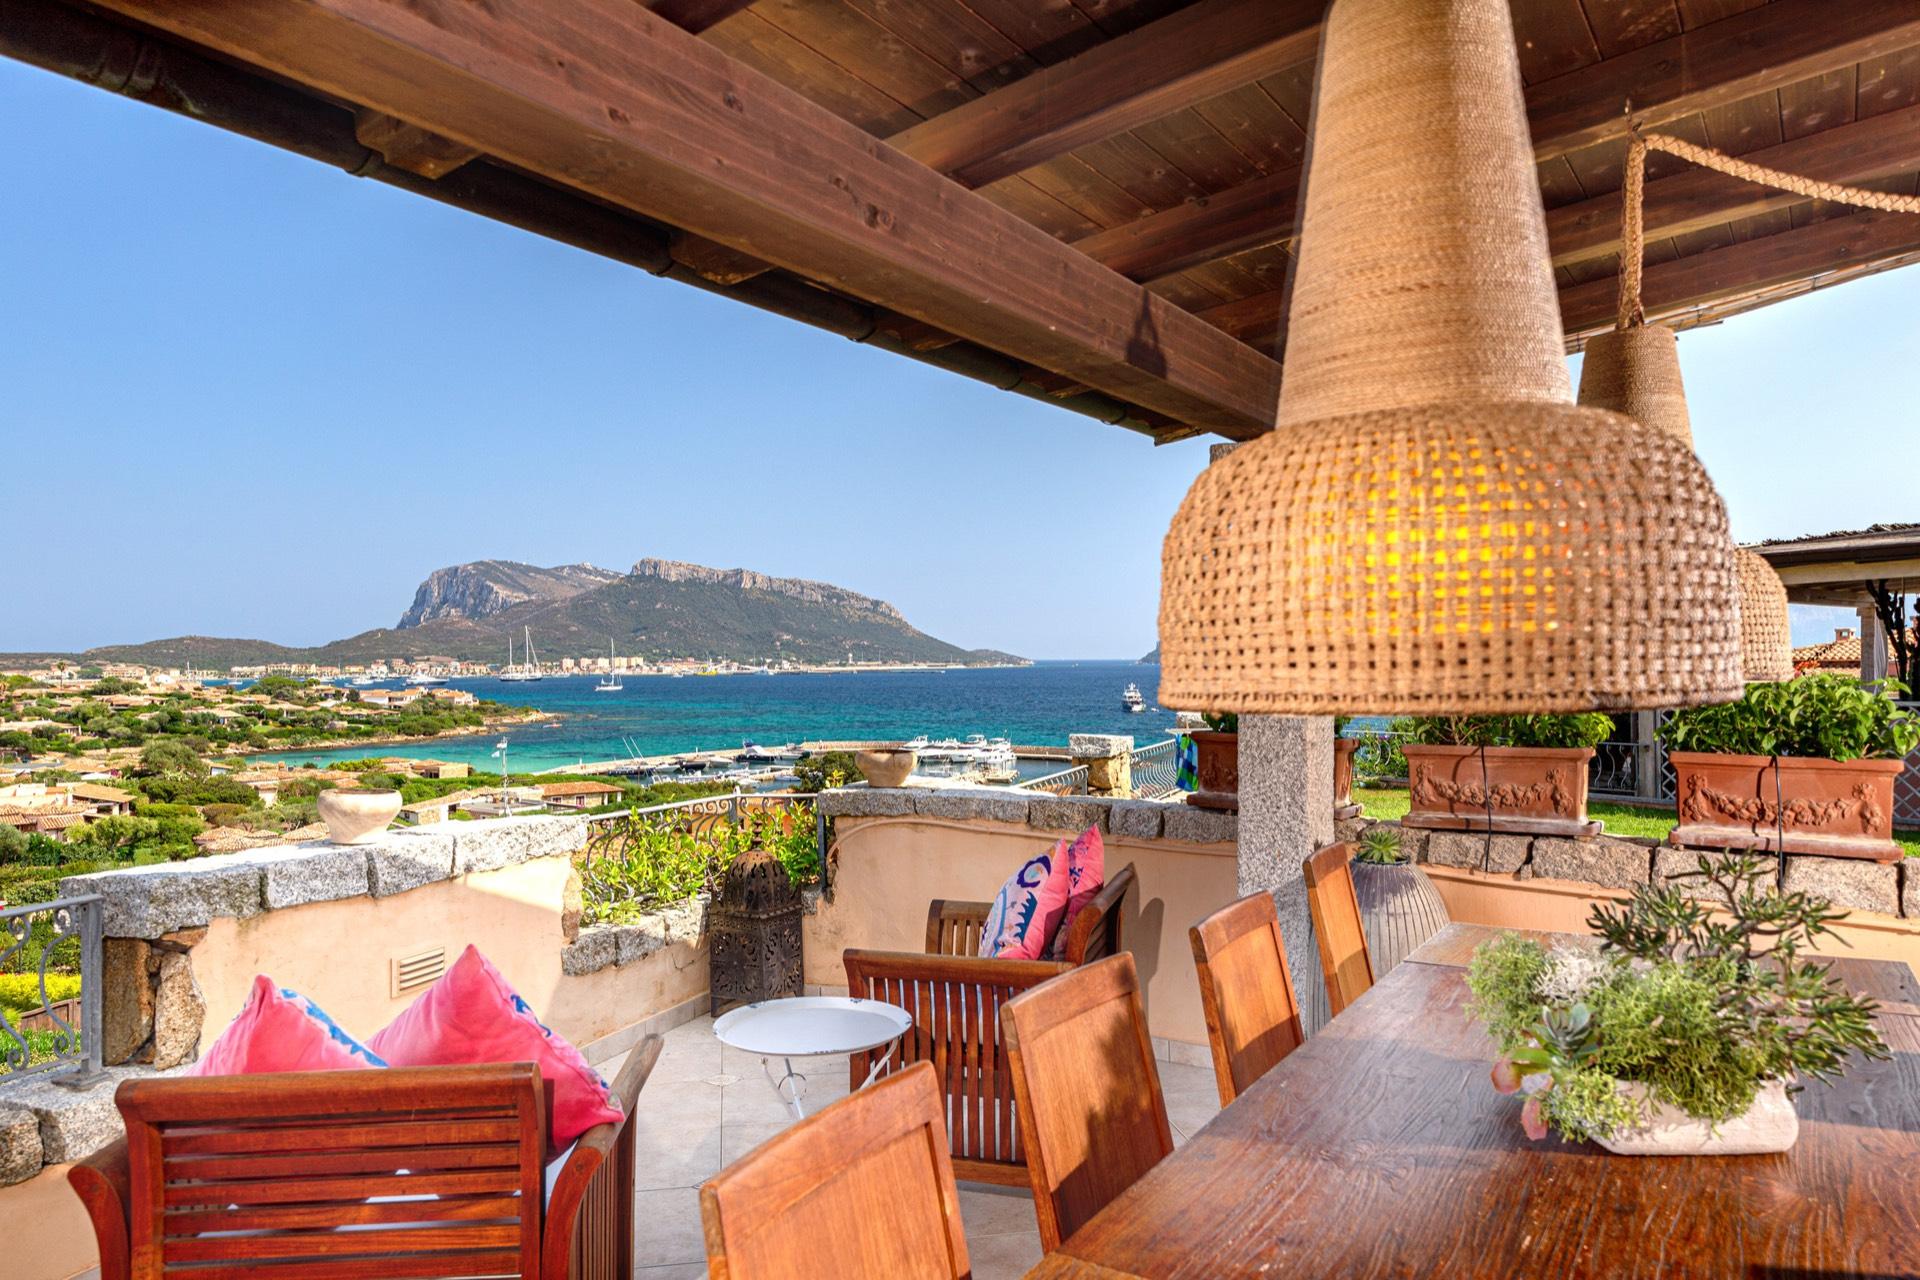 Appartamento in vendita a Golfo Aranci, 6 locali, prezzo € 820.000 | CambioCasa.it